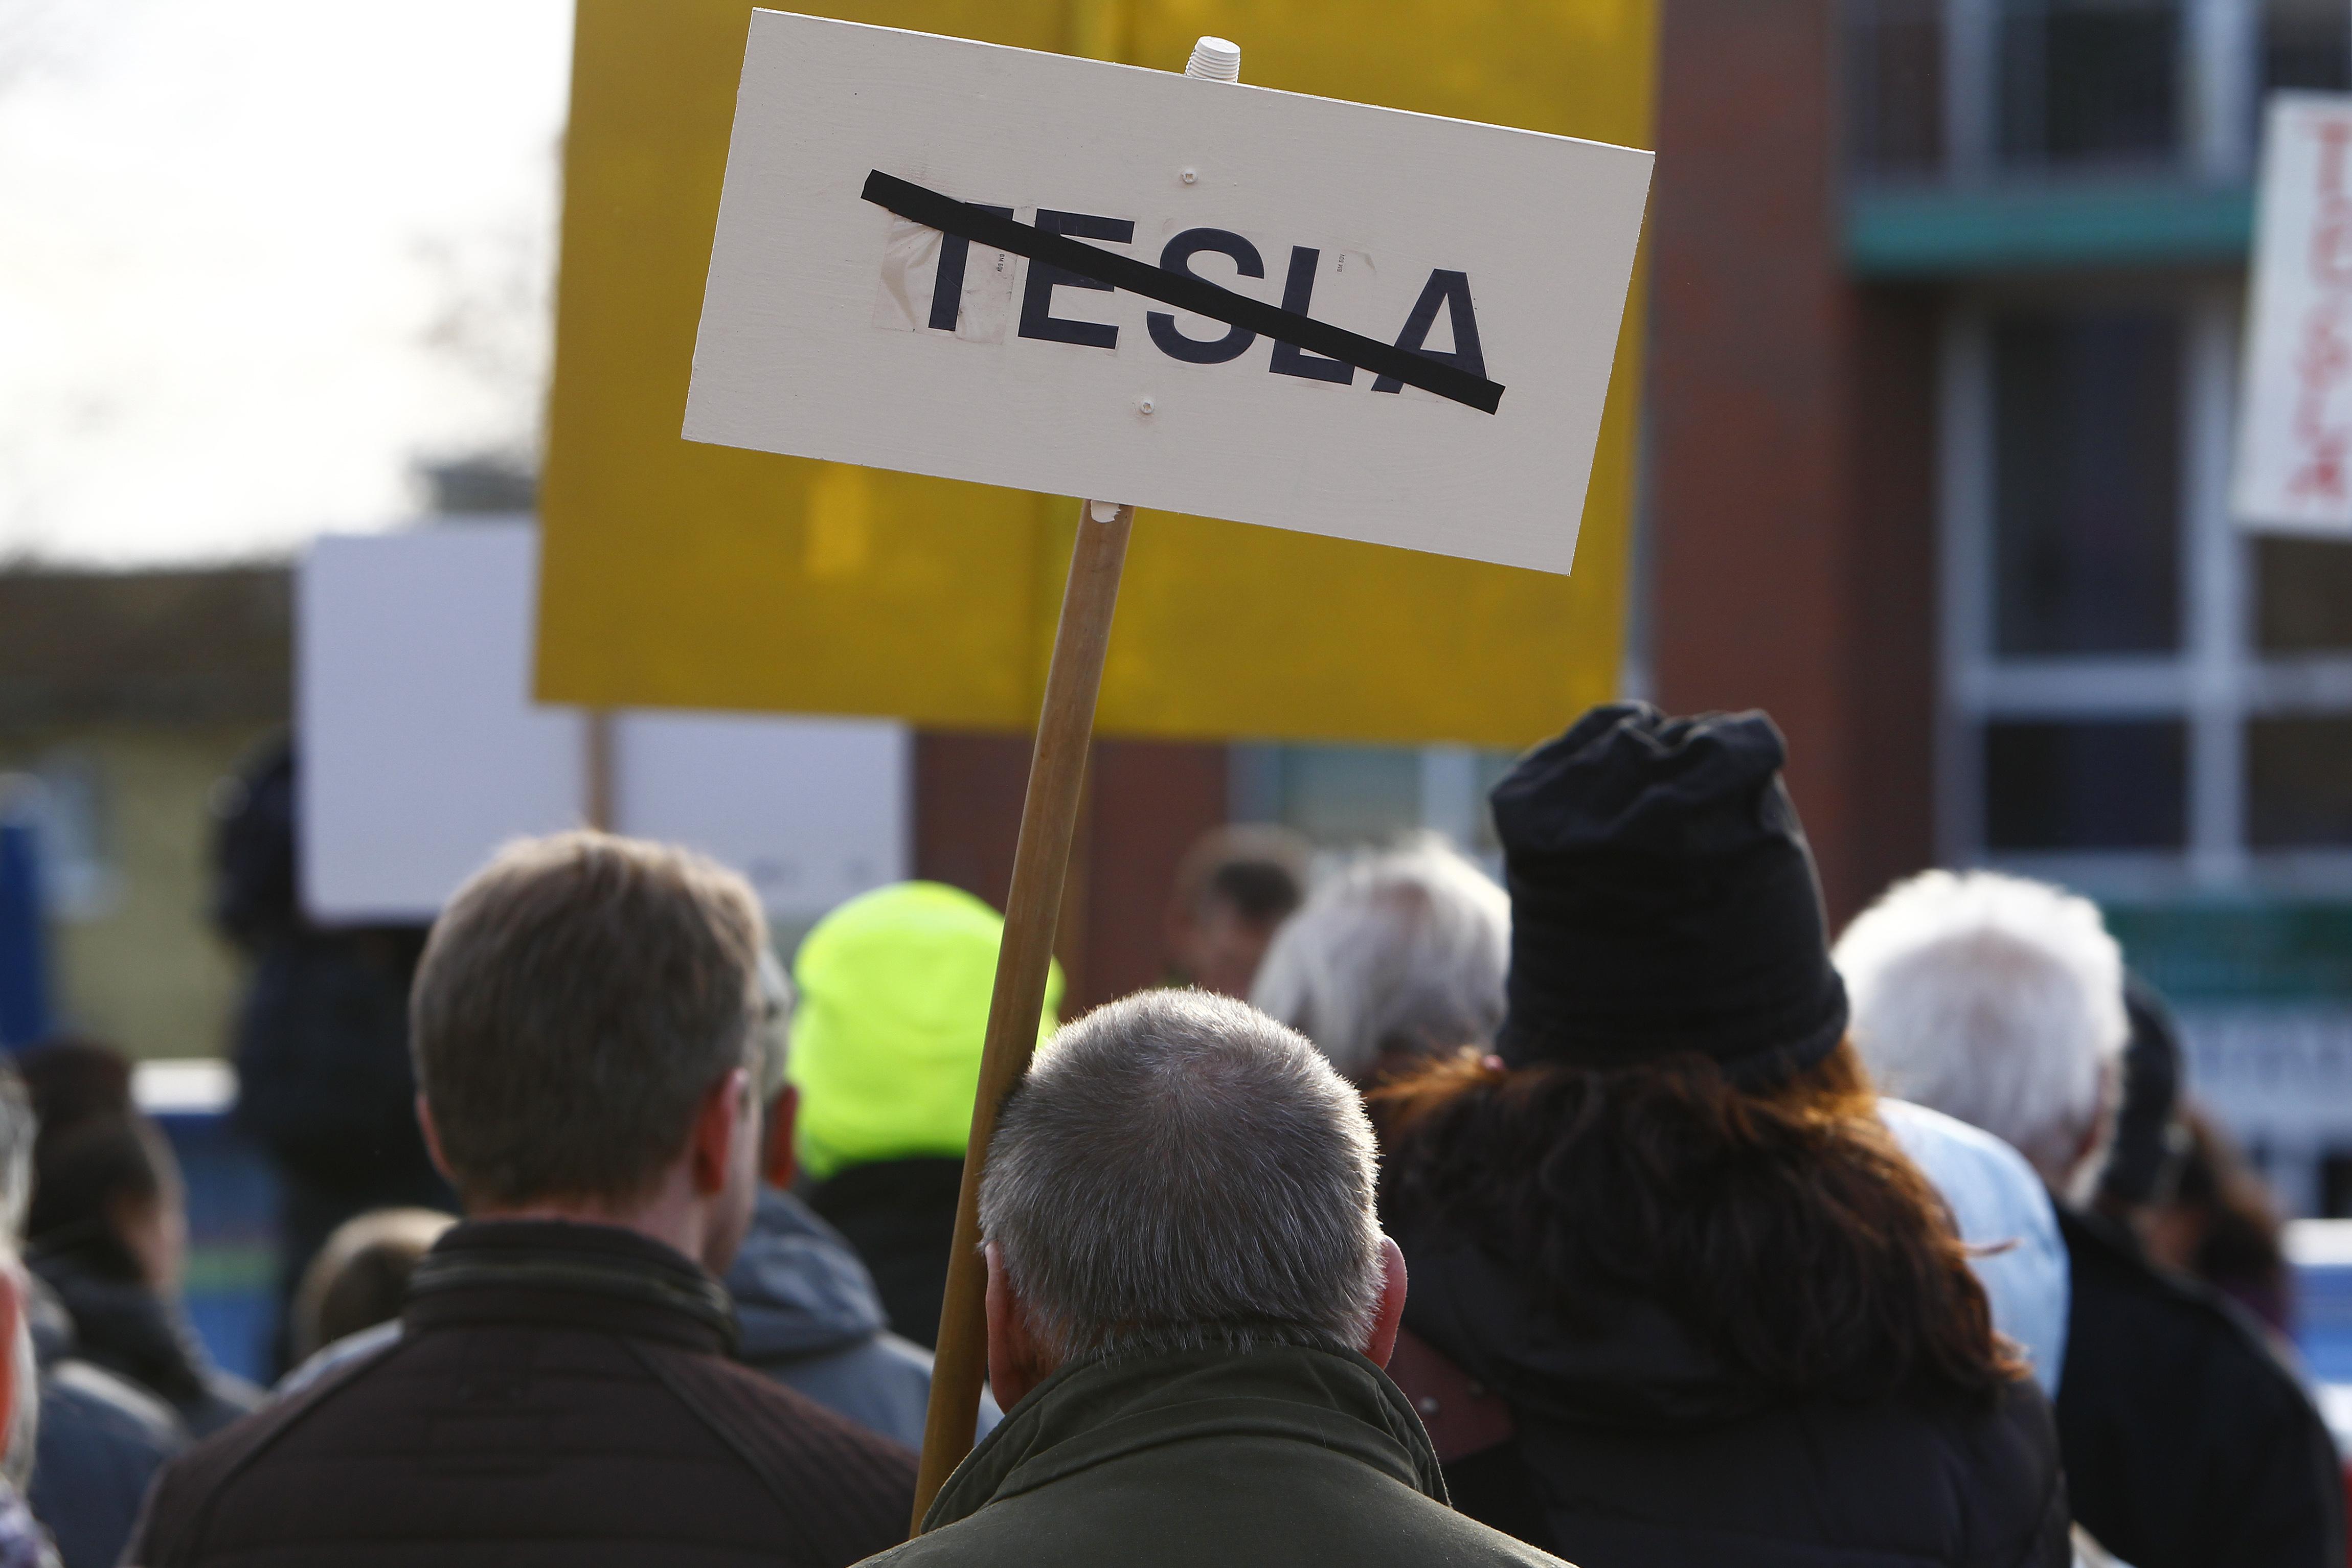 Protesters Demonstrate Against New Tesla Gigafactory In Gr?nheide